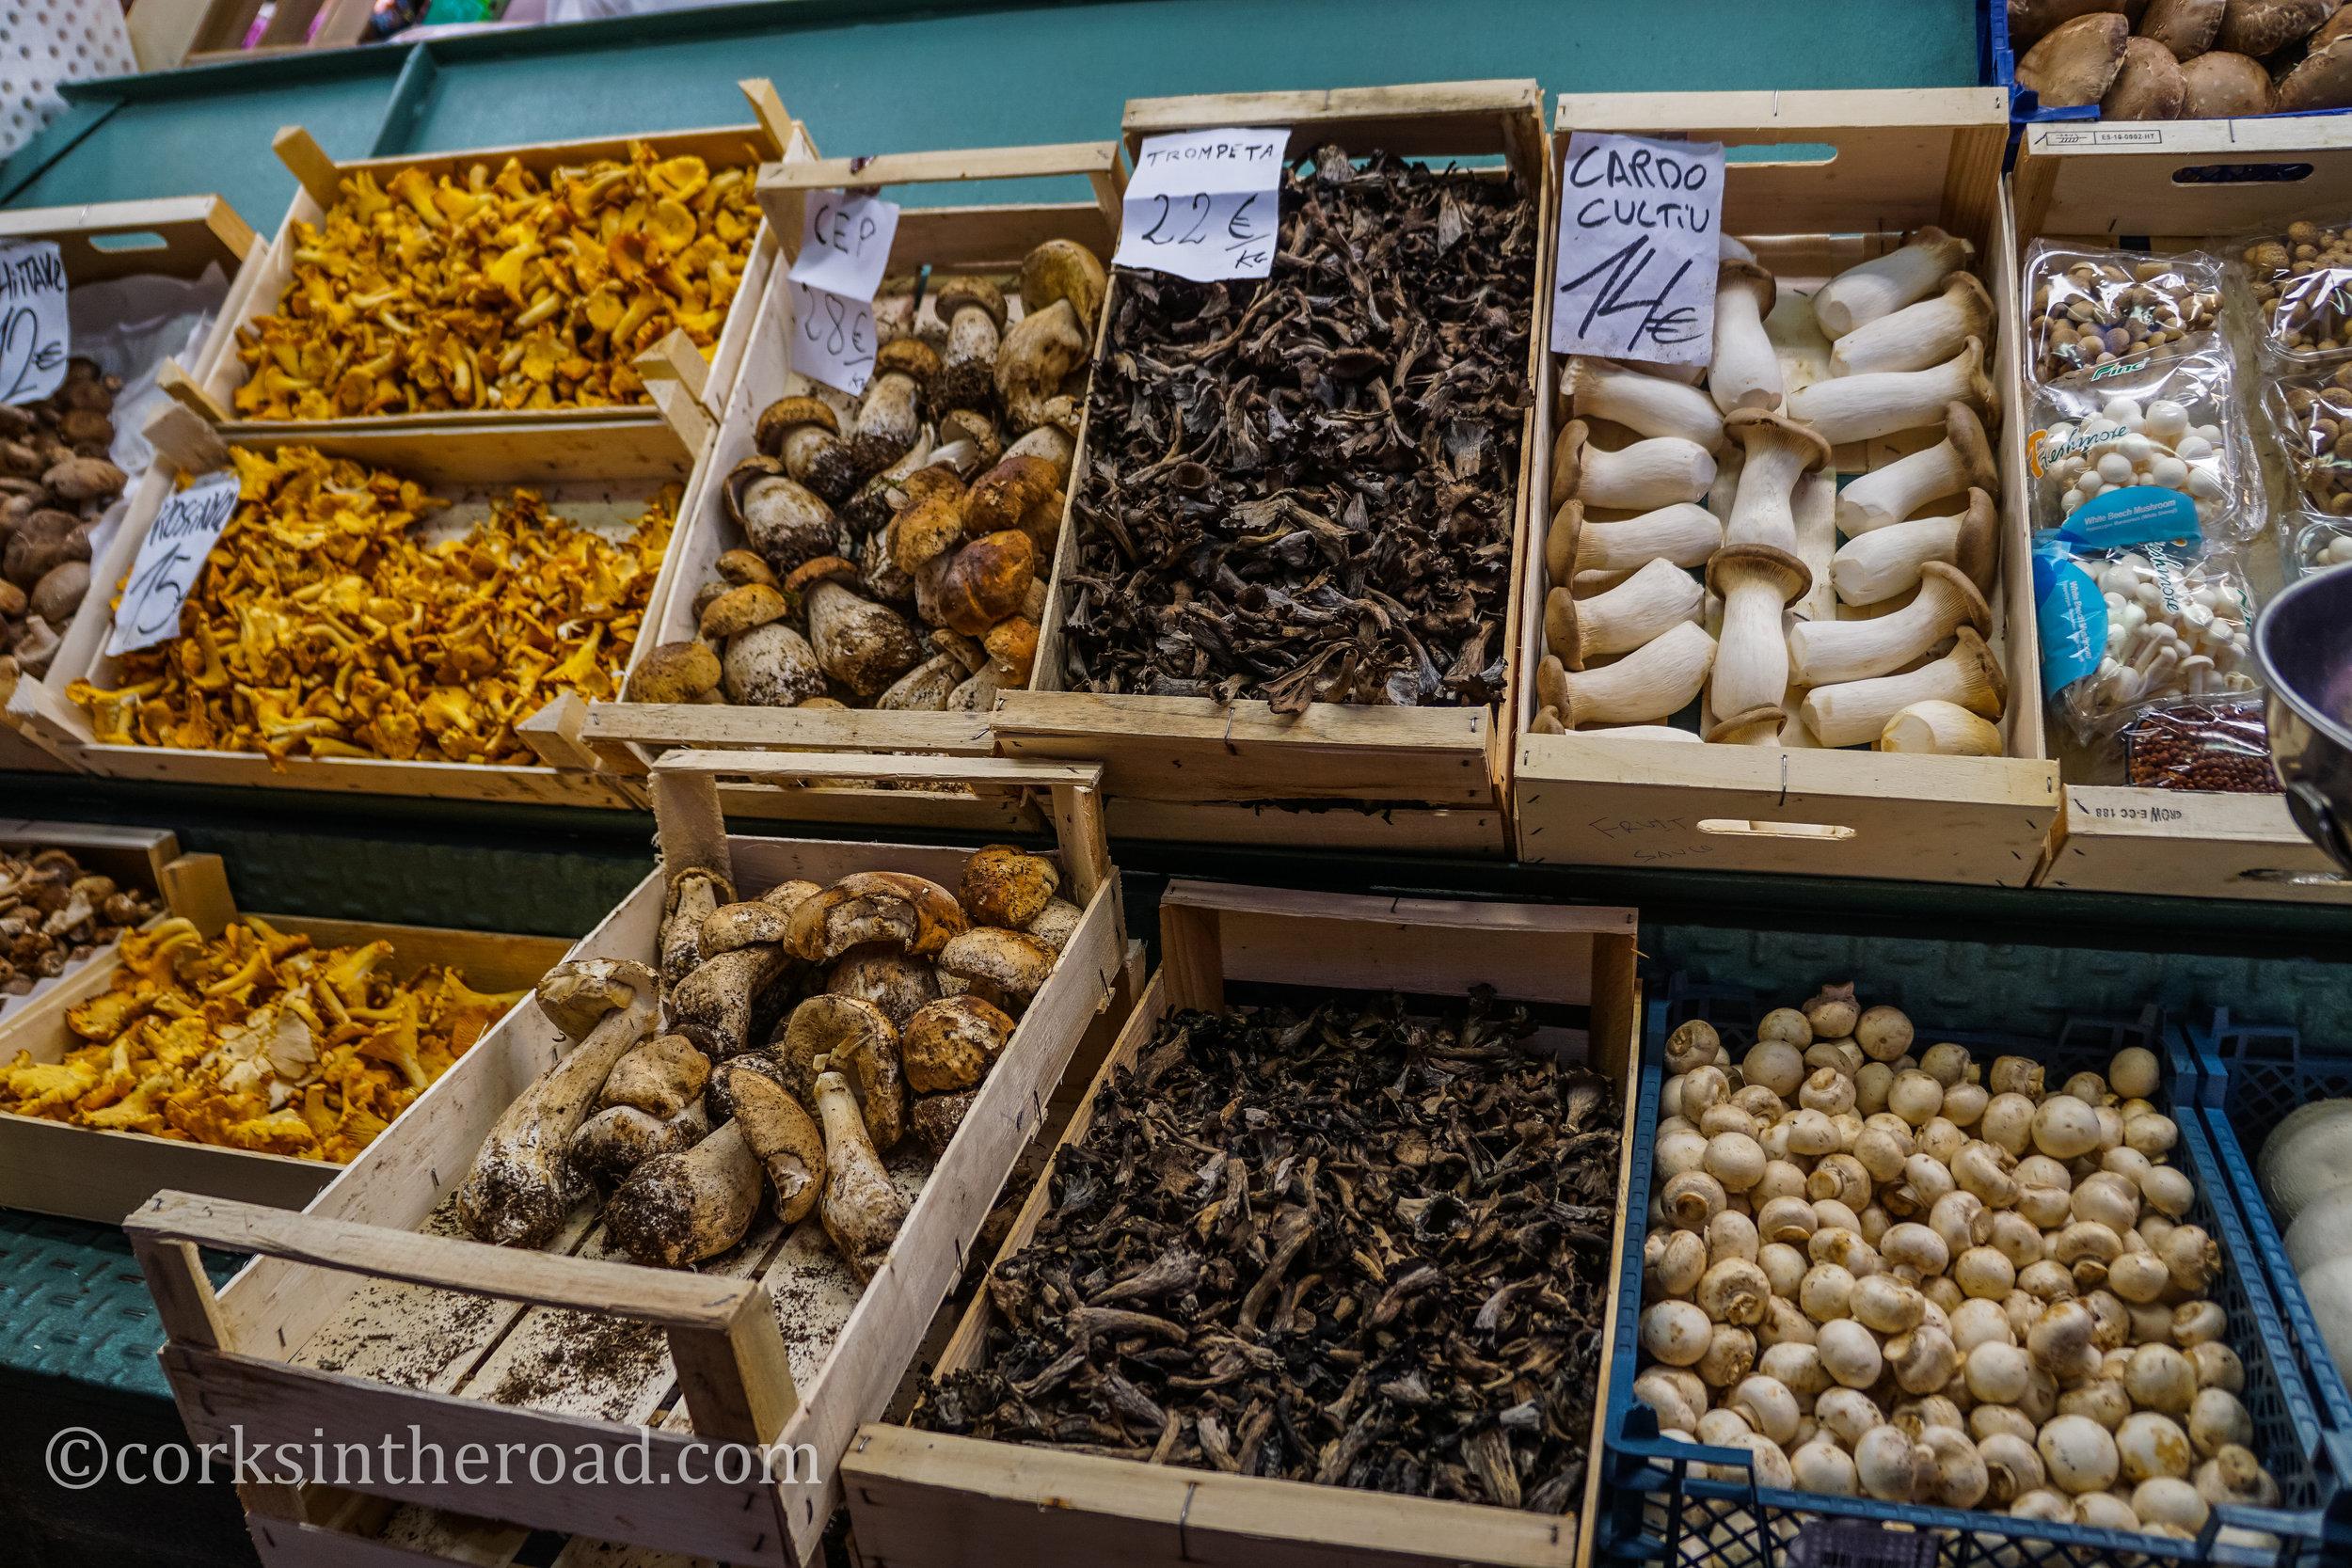 20160806Barcelona, Corksintheroad, Market.jpg